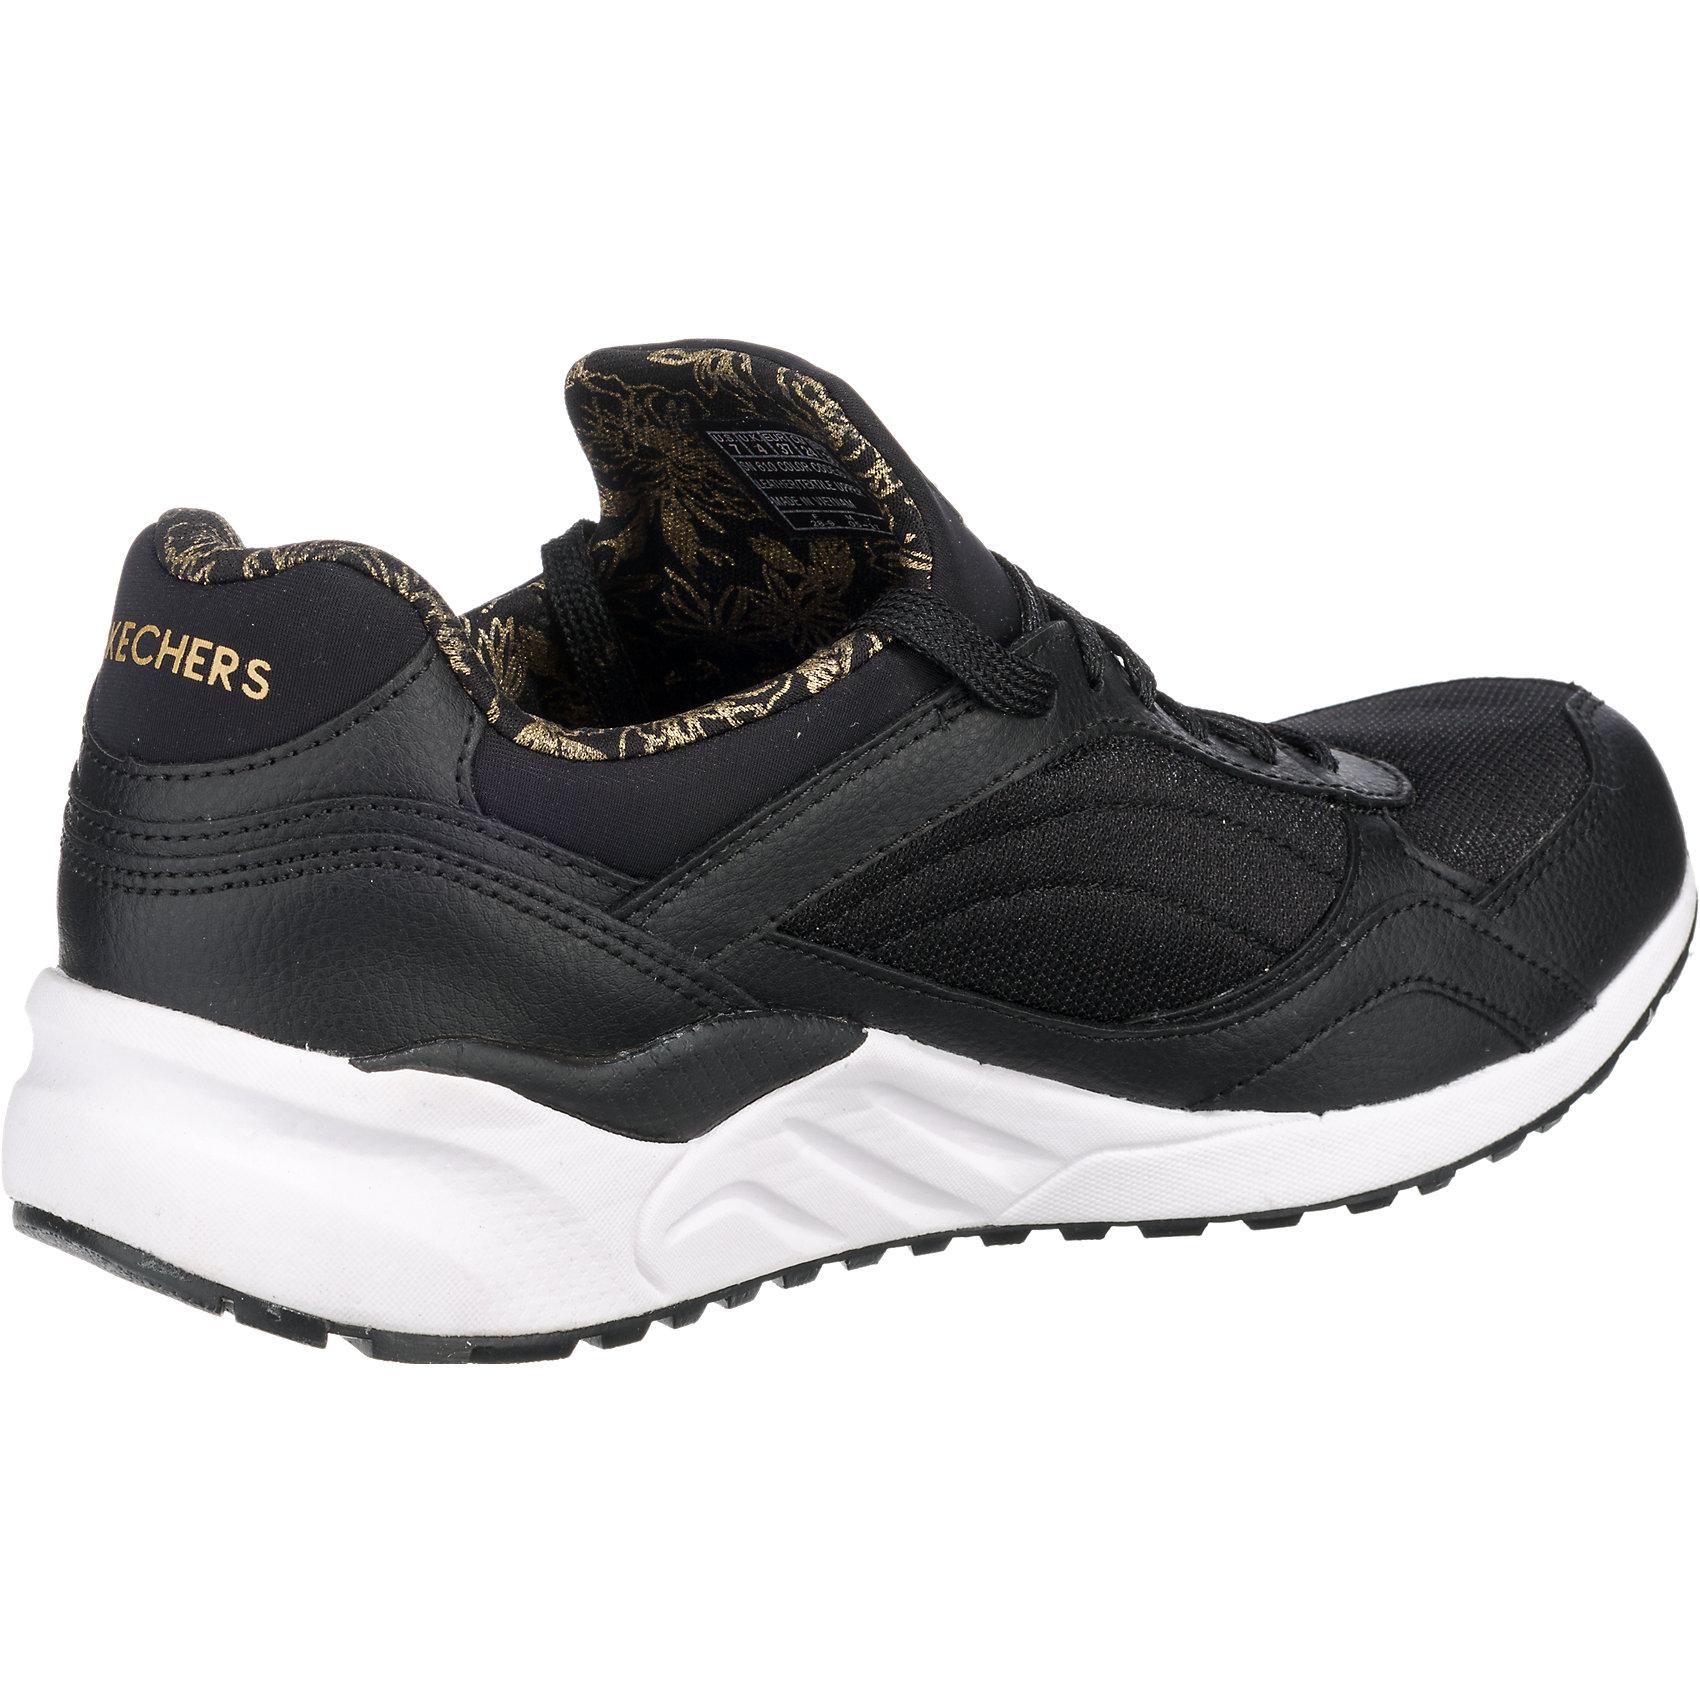 Neu-SKECHERS-Og-95-Hug-It-Out-Sneakers-